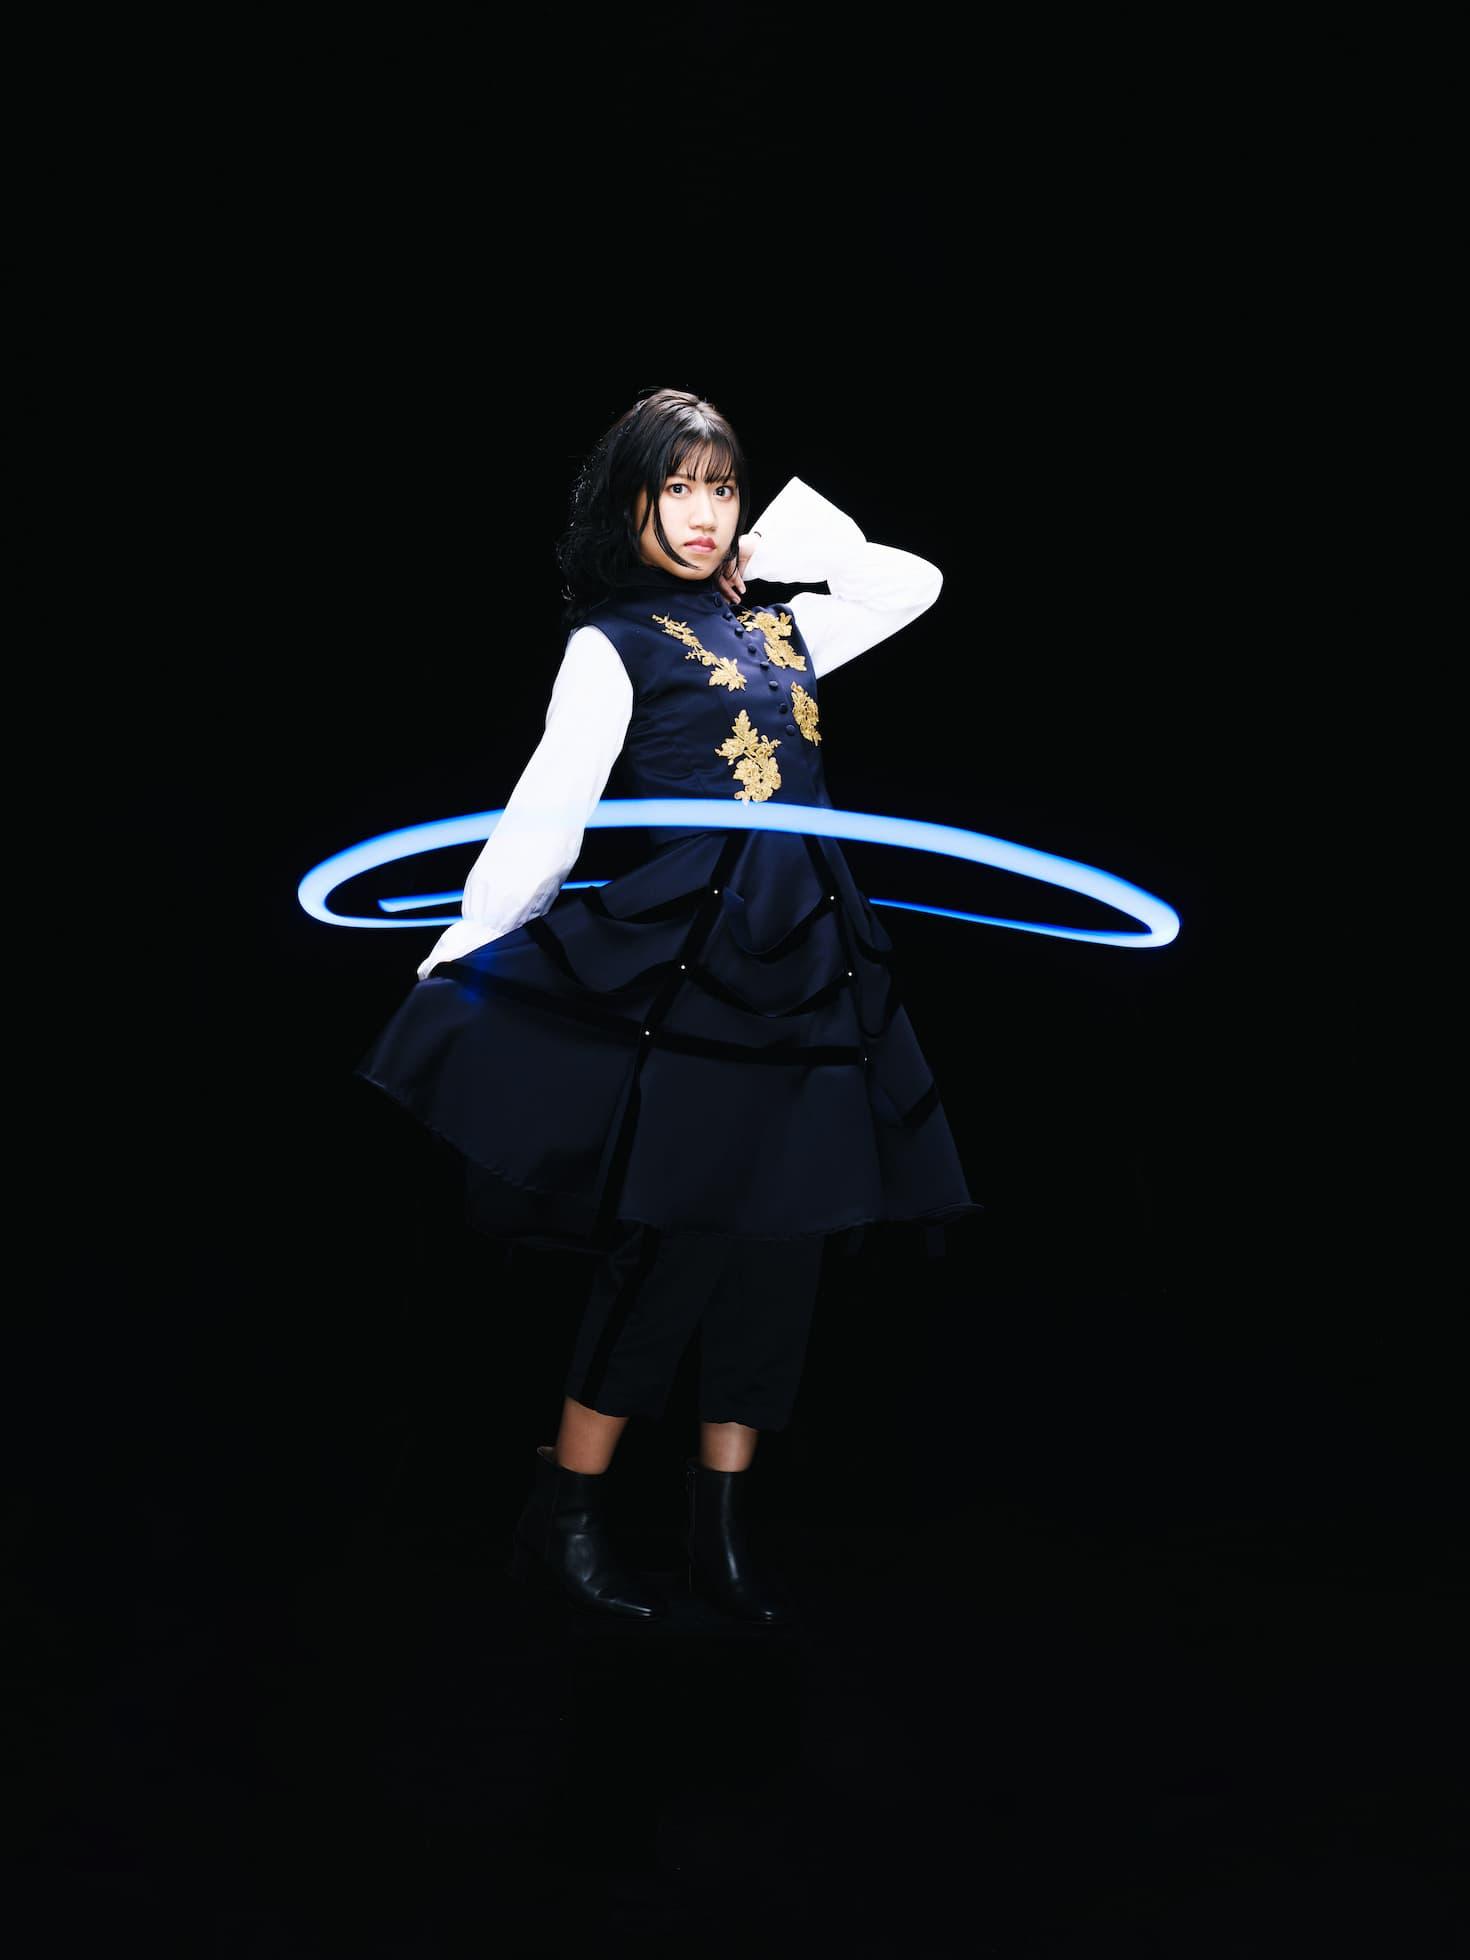 chikase_rei_02